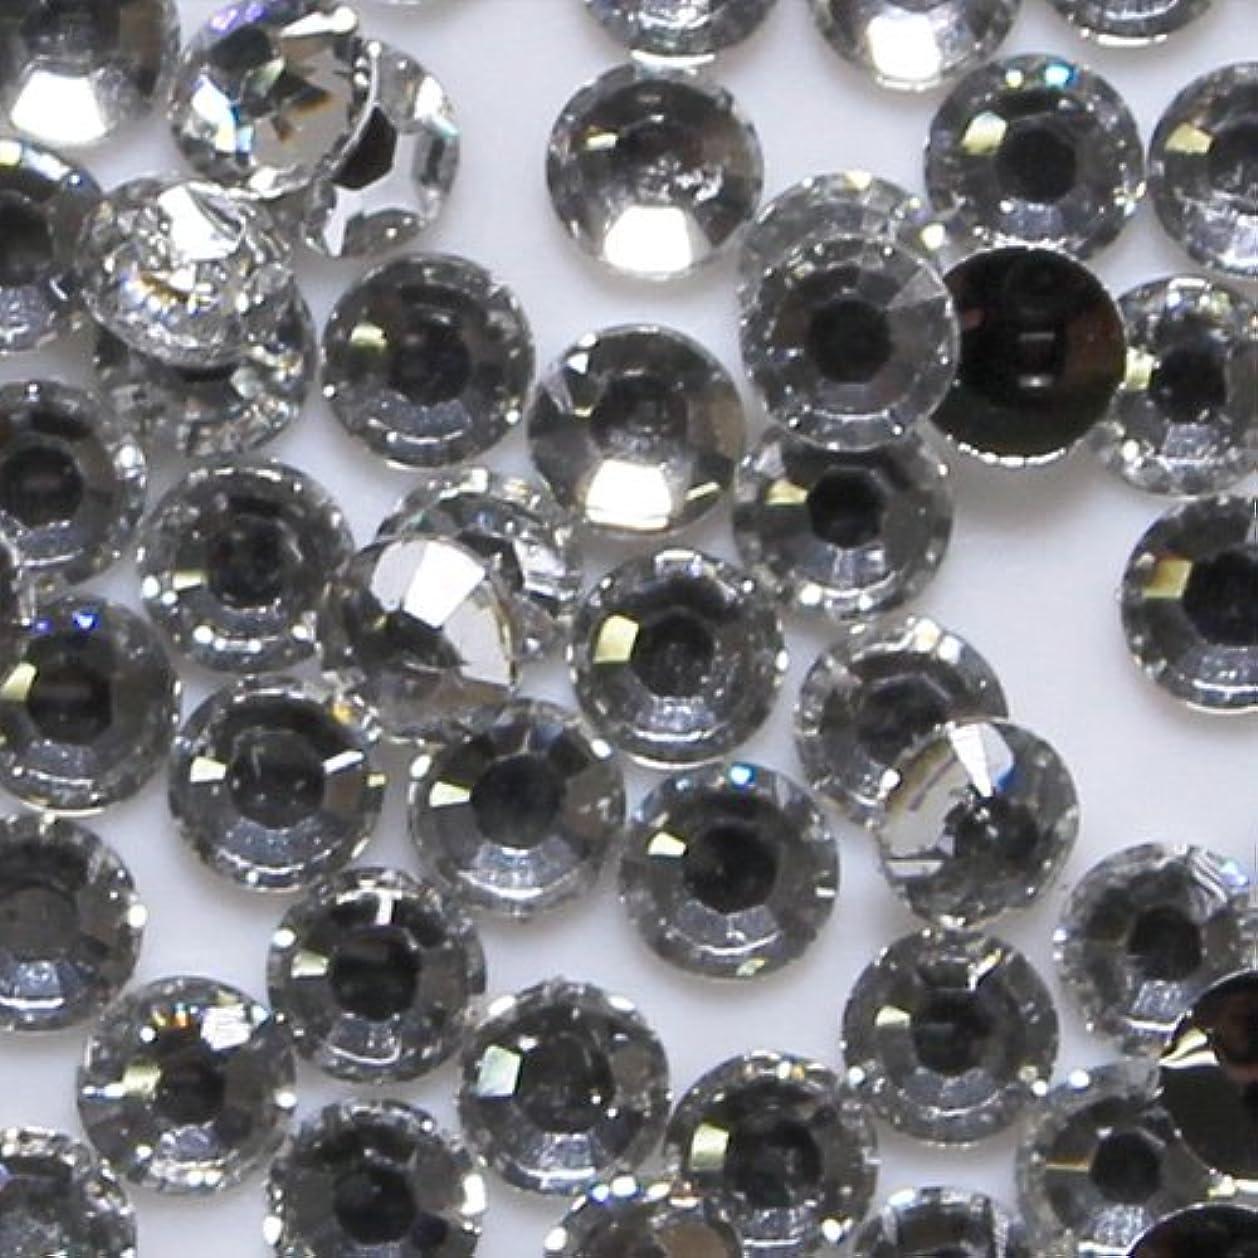 去る散文織る高品質 アクリルストーン ラインストーン ラウンドフラット 2mm 3mm 4mm 3サイズセット 計1000粒入り ダイヤモンド